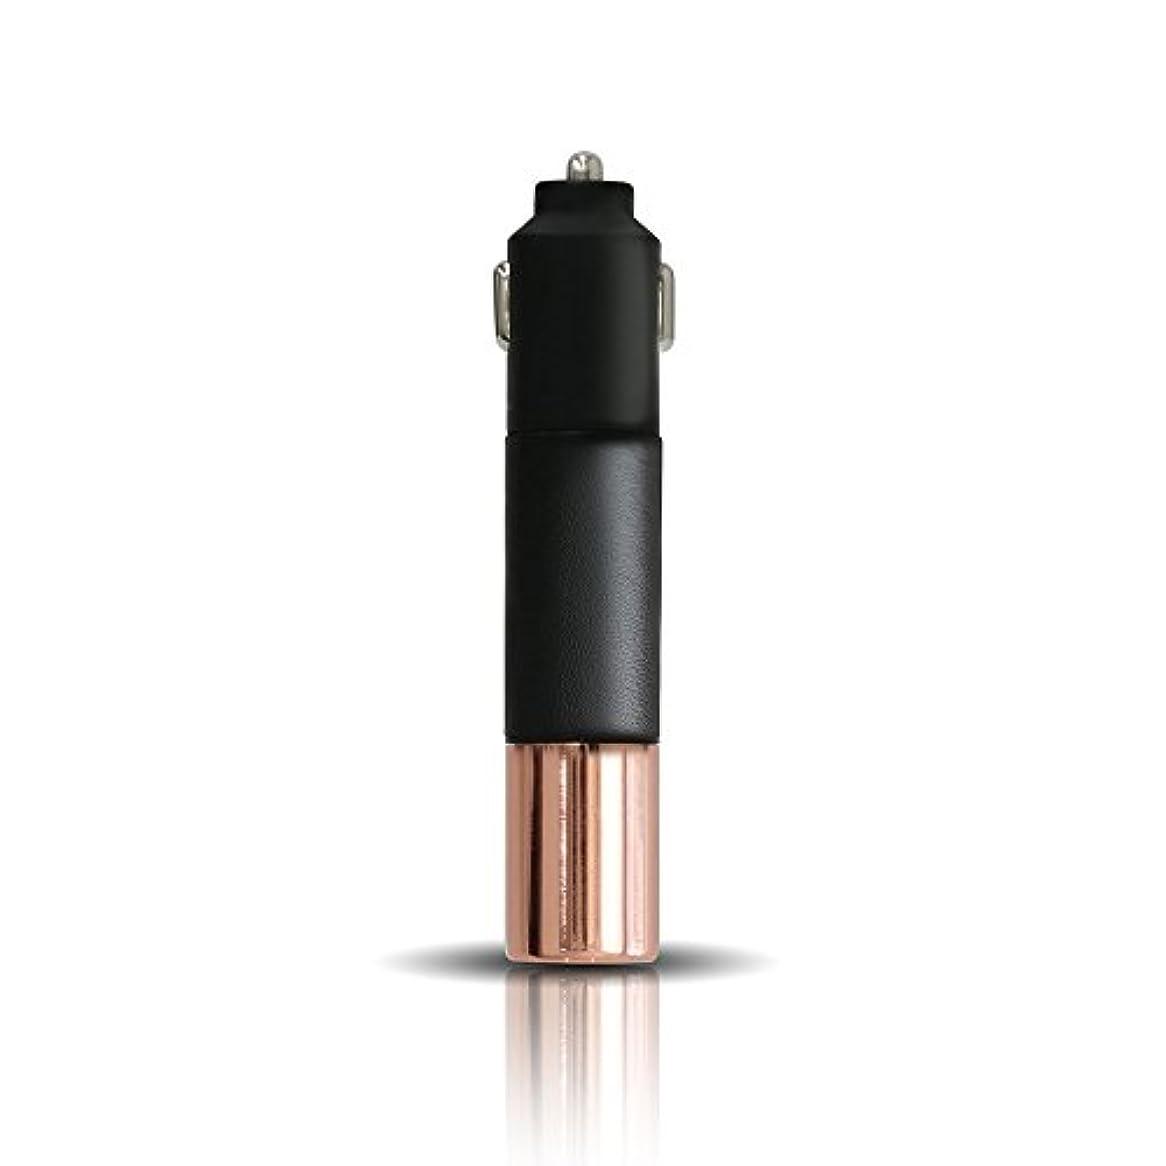 普遍的なに対してガレージPRISMATE(プリズメイト) Driving Aroma Diffuser Leather and Metal PR-AD02C (BK(ブラック))